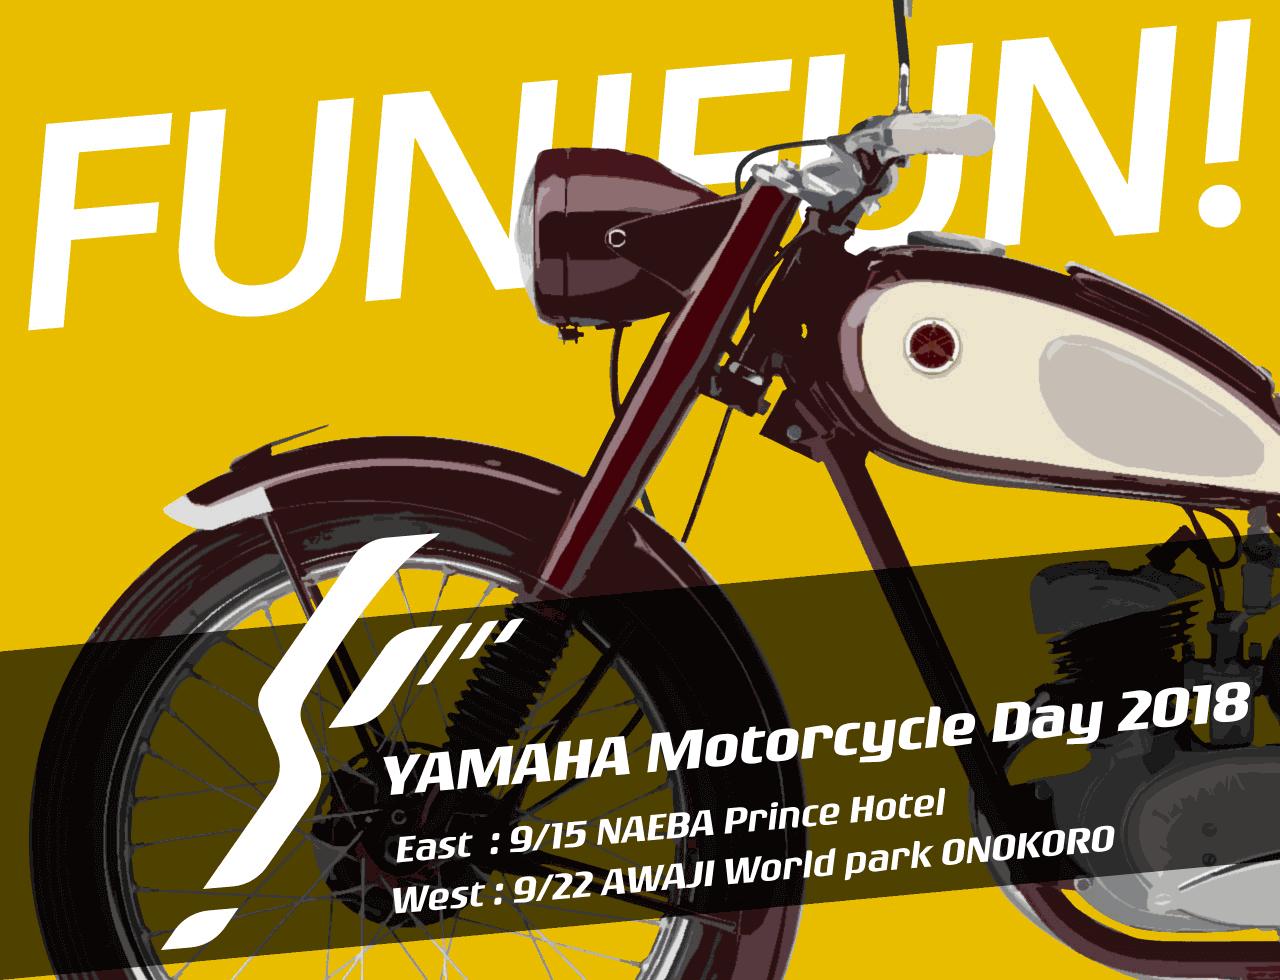 ★ヤマハファン交流イベント「YAMAHA Motorcycle Day 2018」初開催